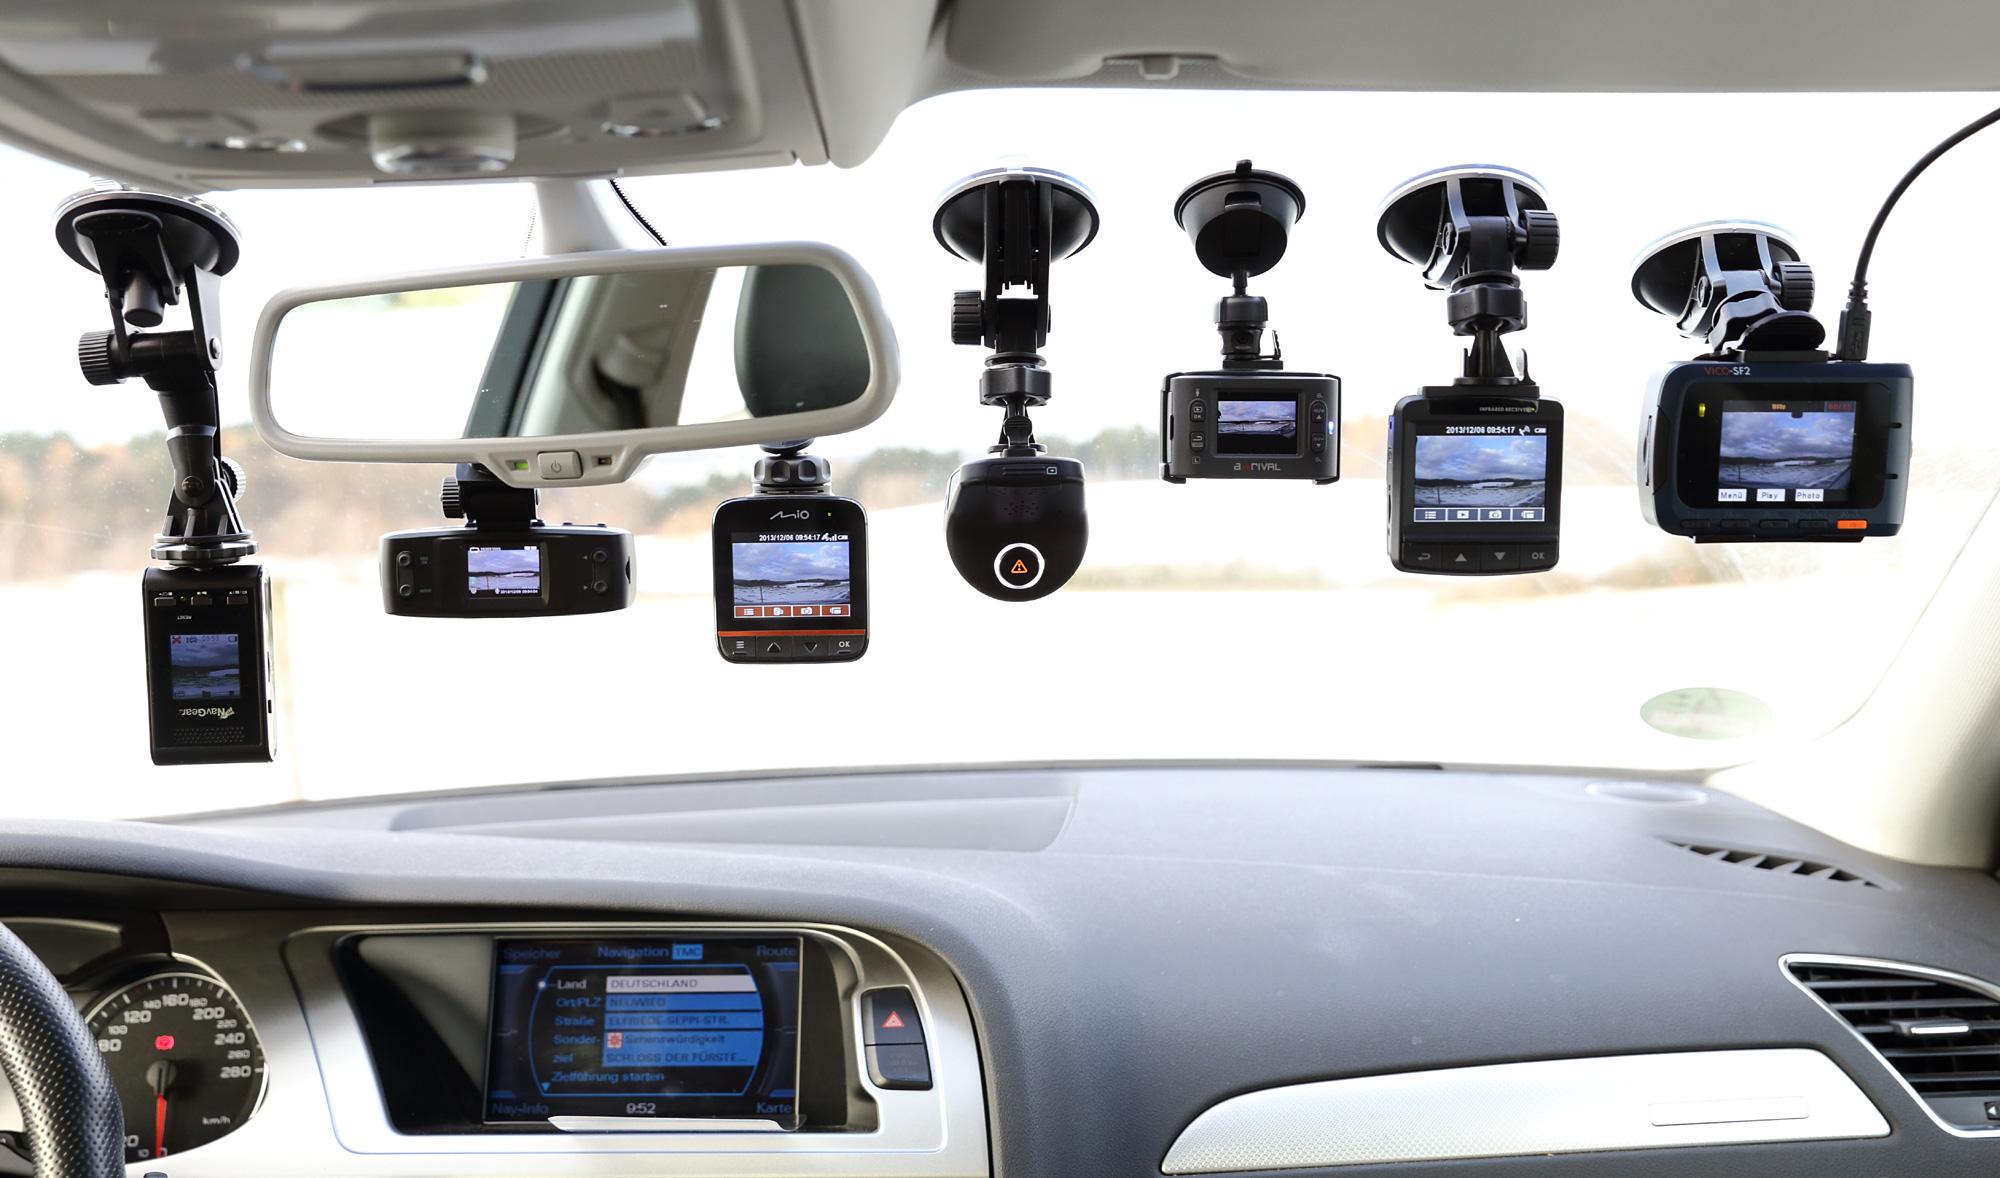 مرکز خرید دوربین مداربسته اتومبیل با قیمت ویژه